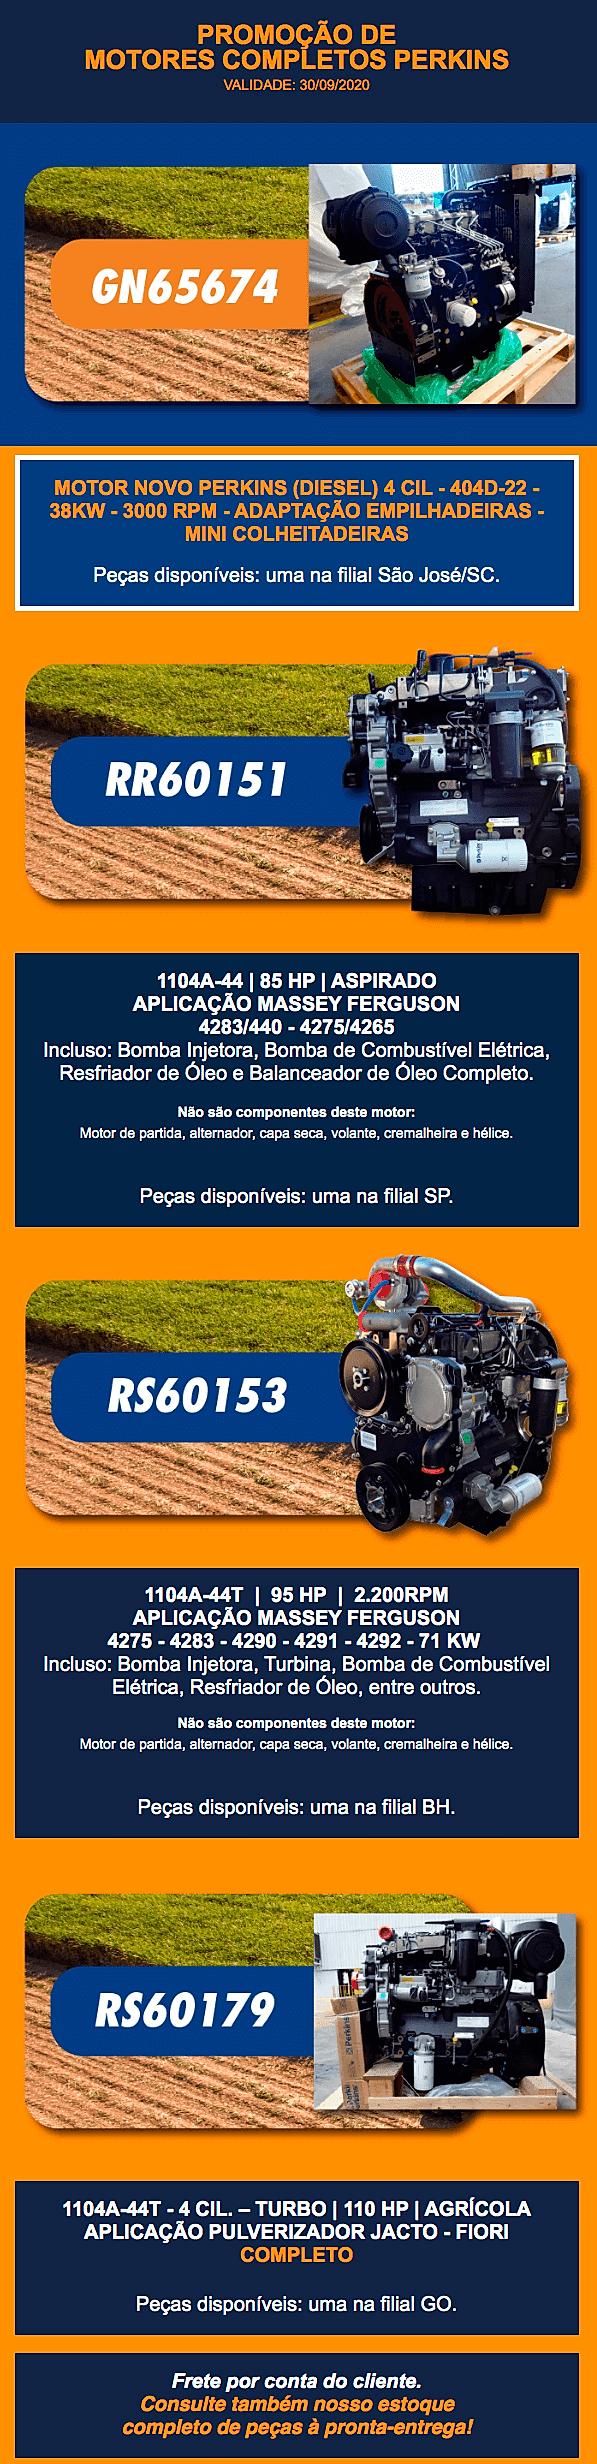 calendário BO-0179-20-EMAIL-MOTORES-PERK